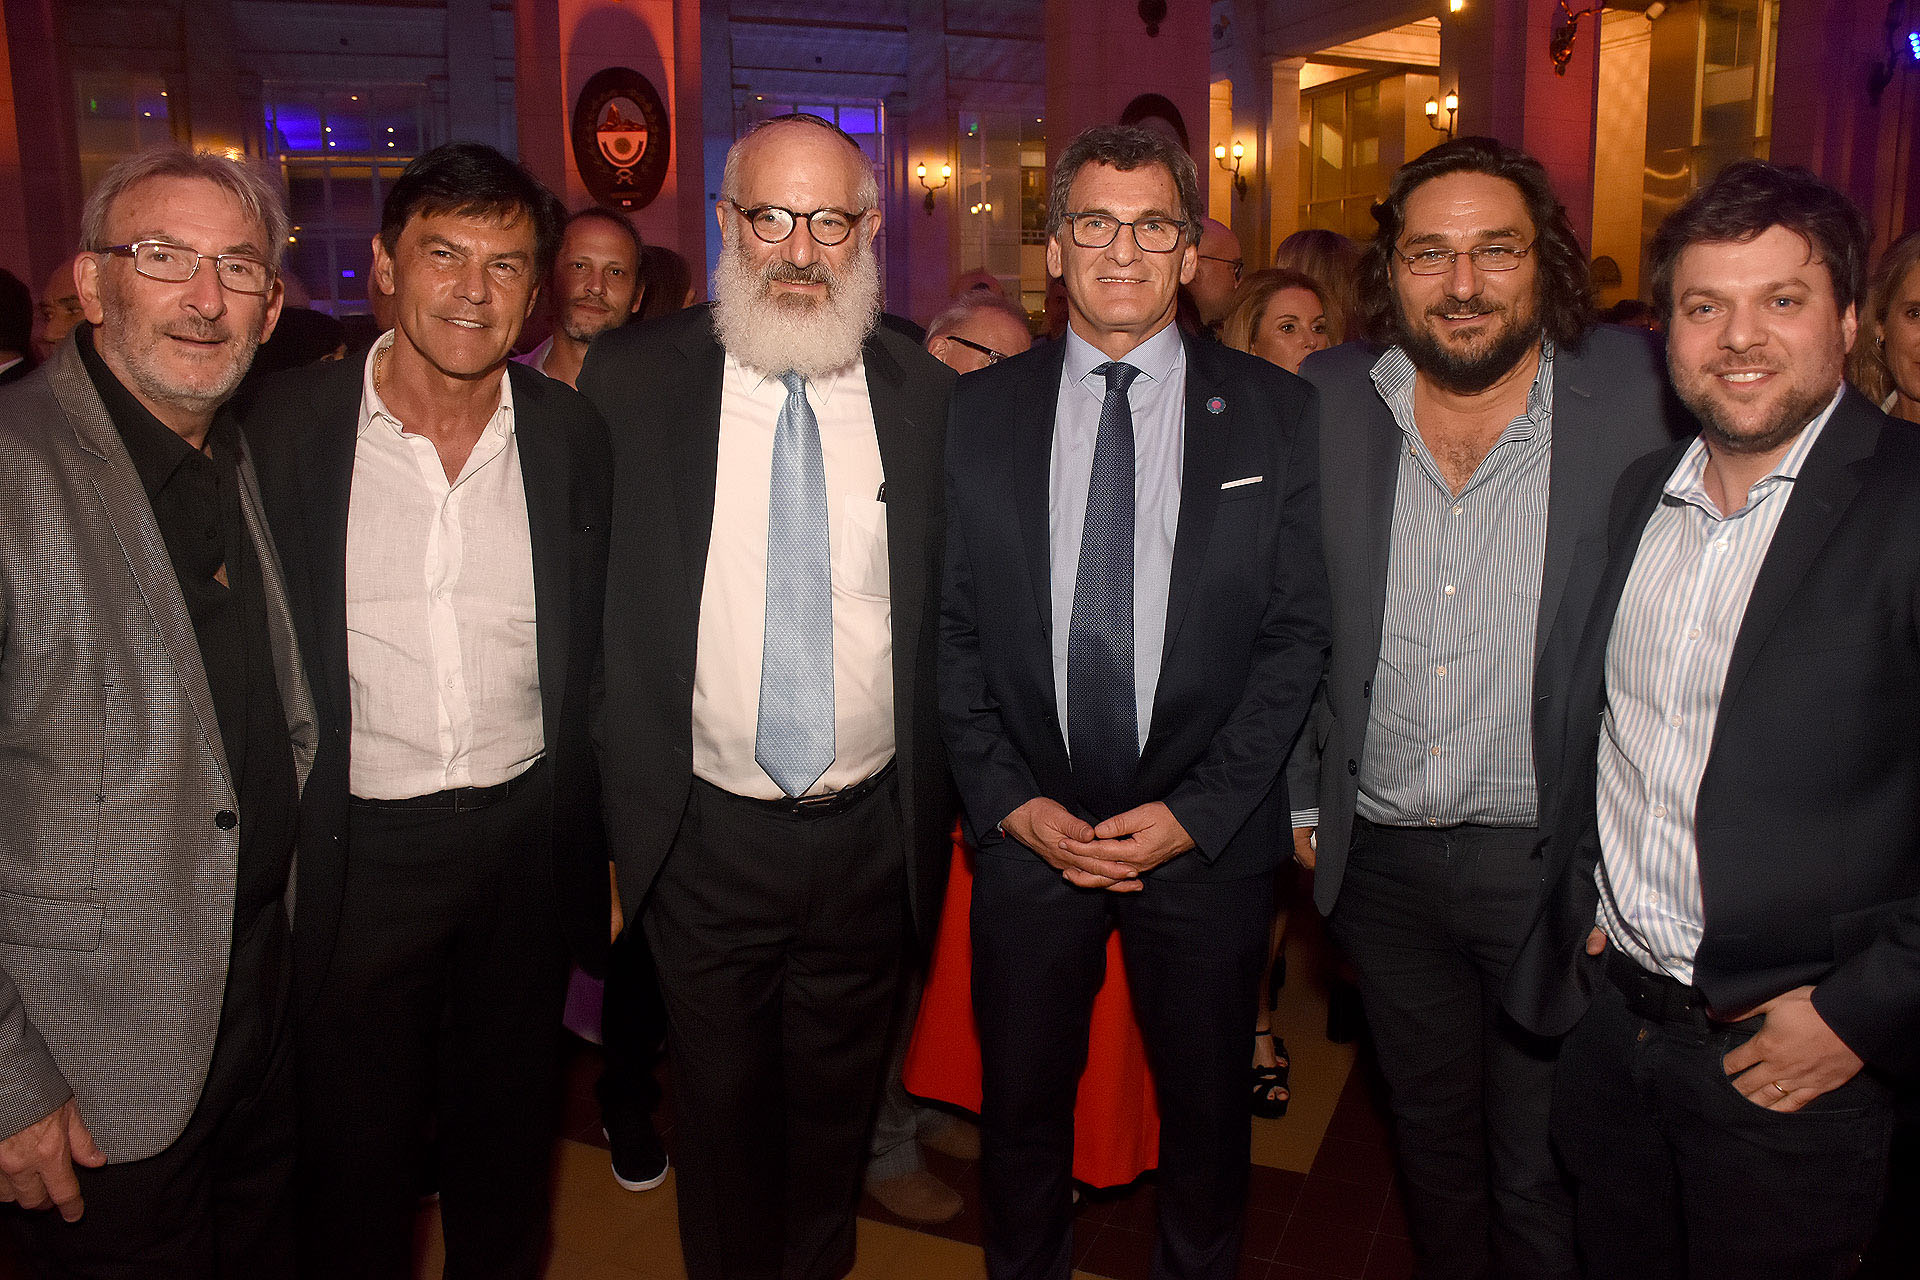 Guillermo Yanco, Ricardo Klahr, Eduardo Elsztain, Claudio Avruj, Martín Kweller y Guido Kaczka